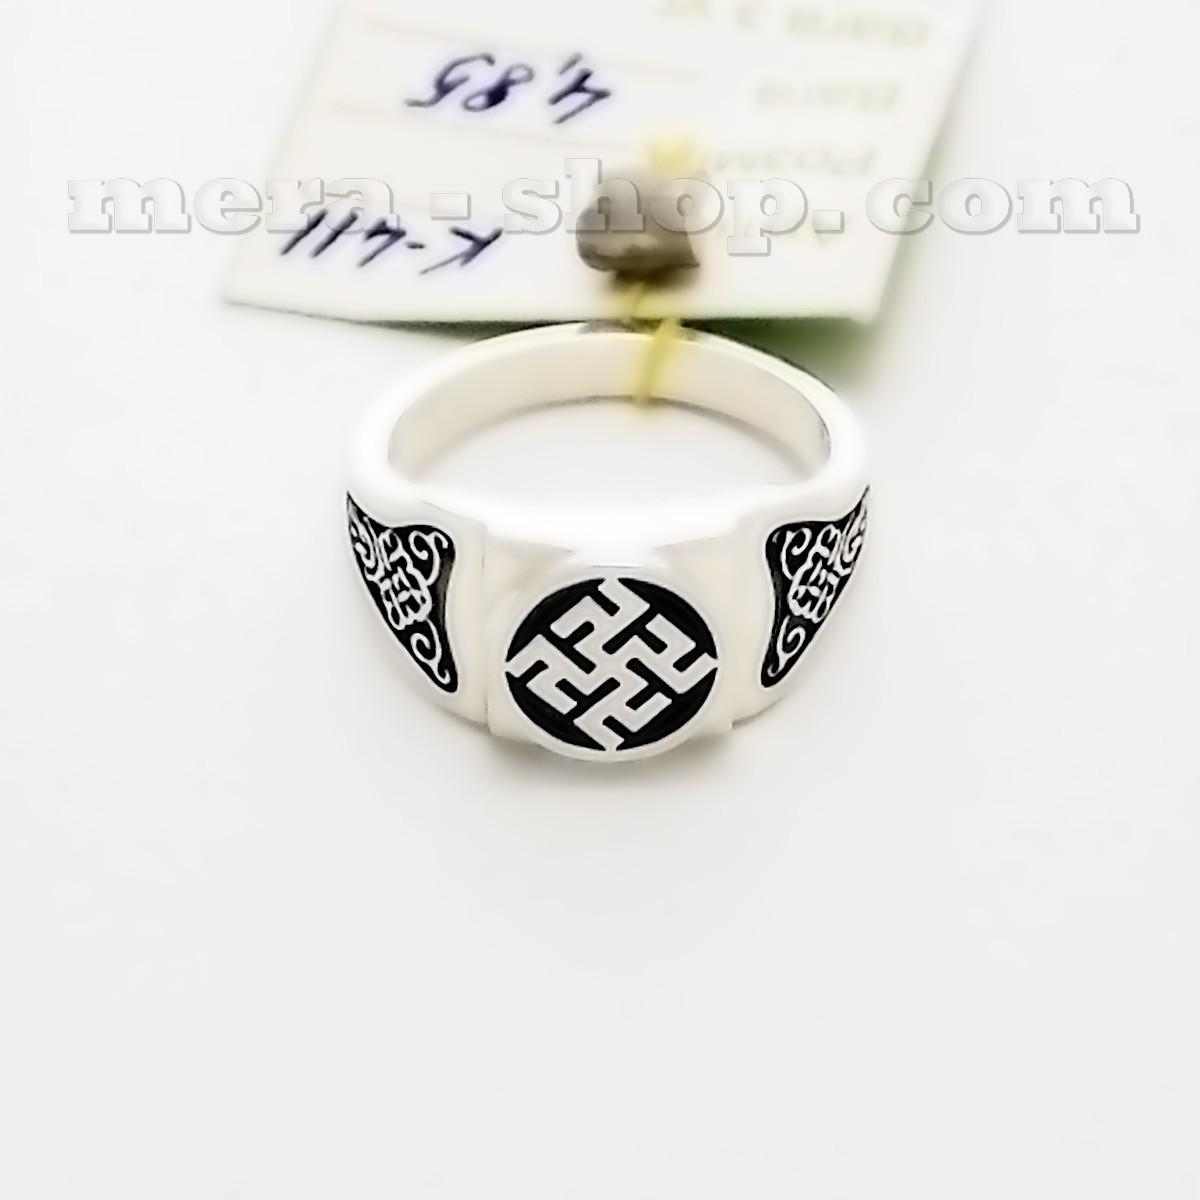 Одолень Трава кольцо оберег из серебра 925 пробы